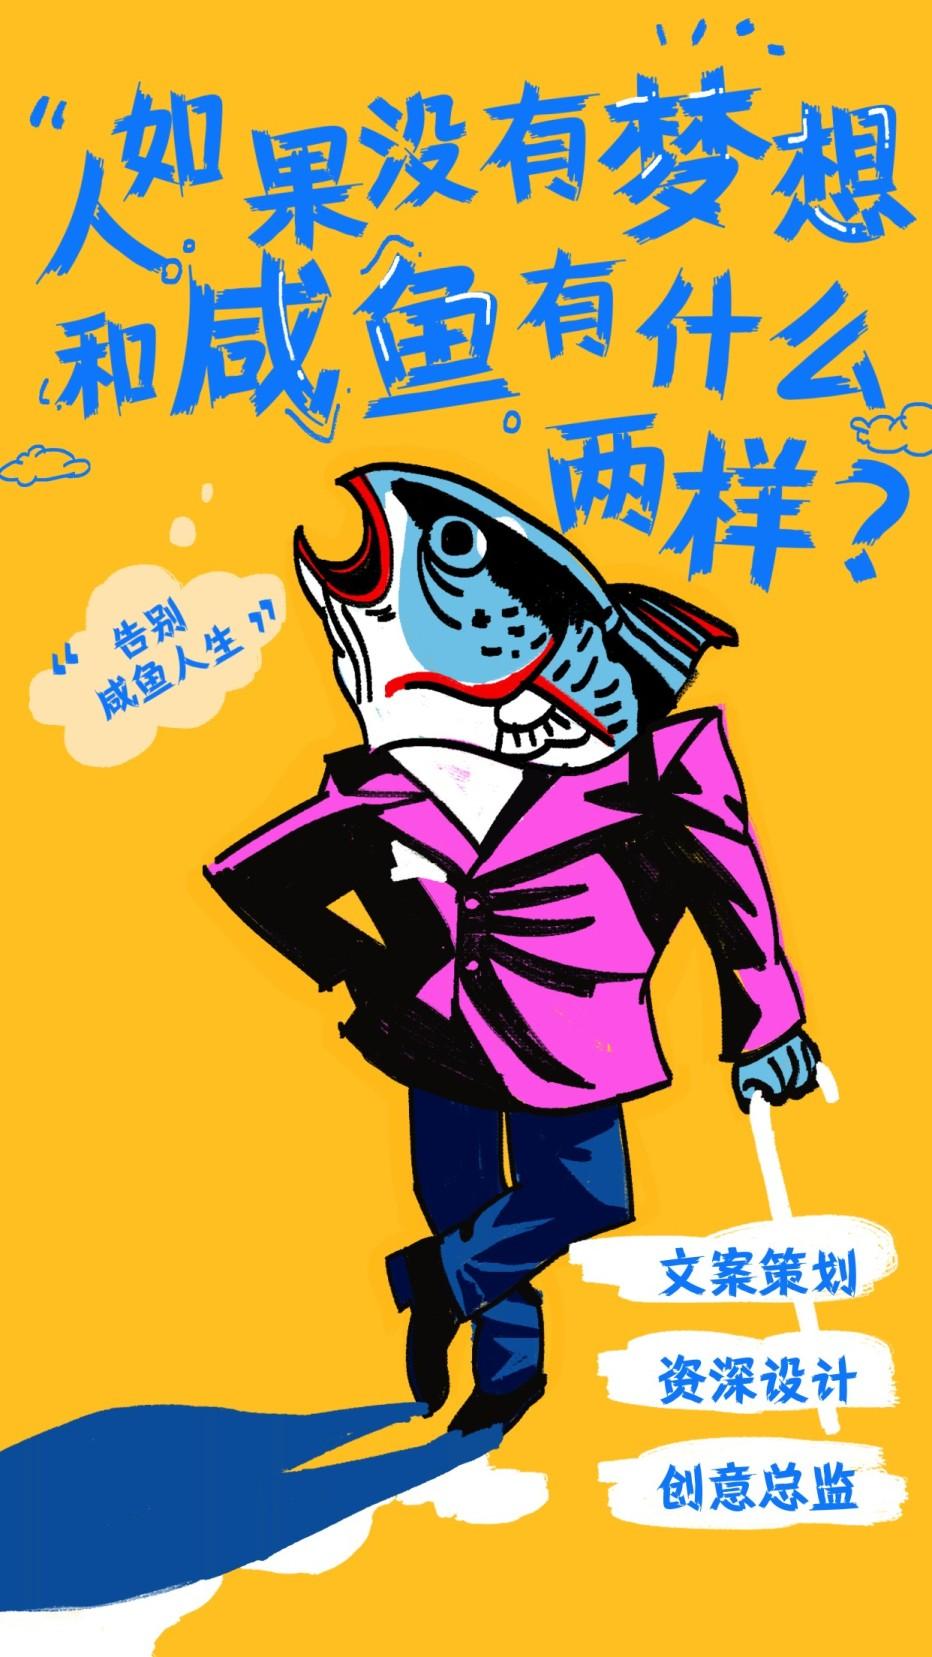 梦想与咸鱼招聘海报